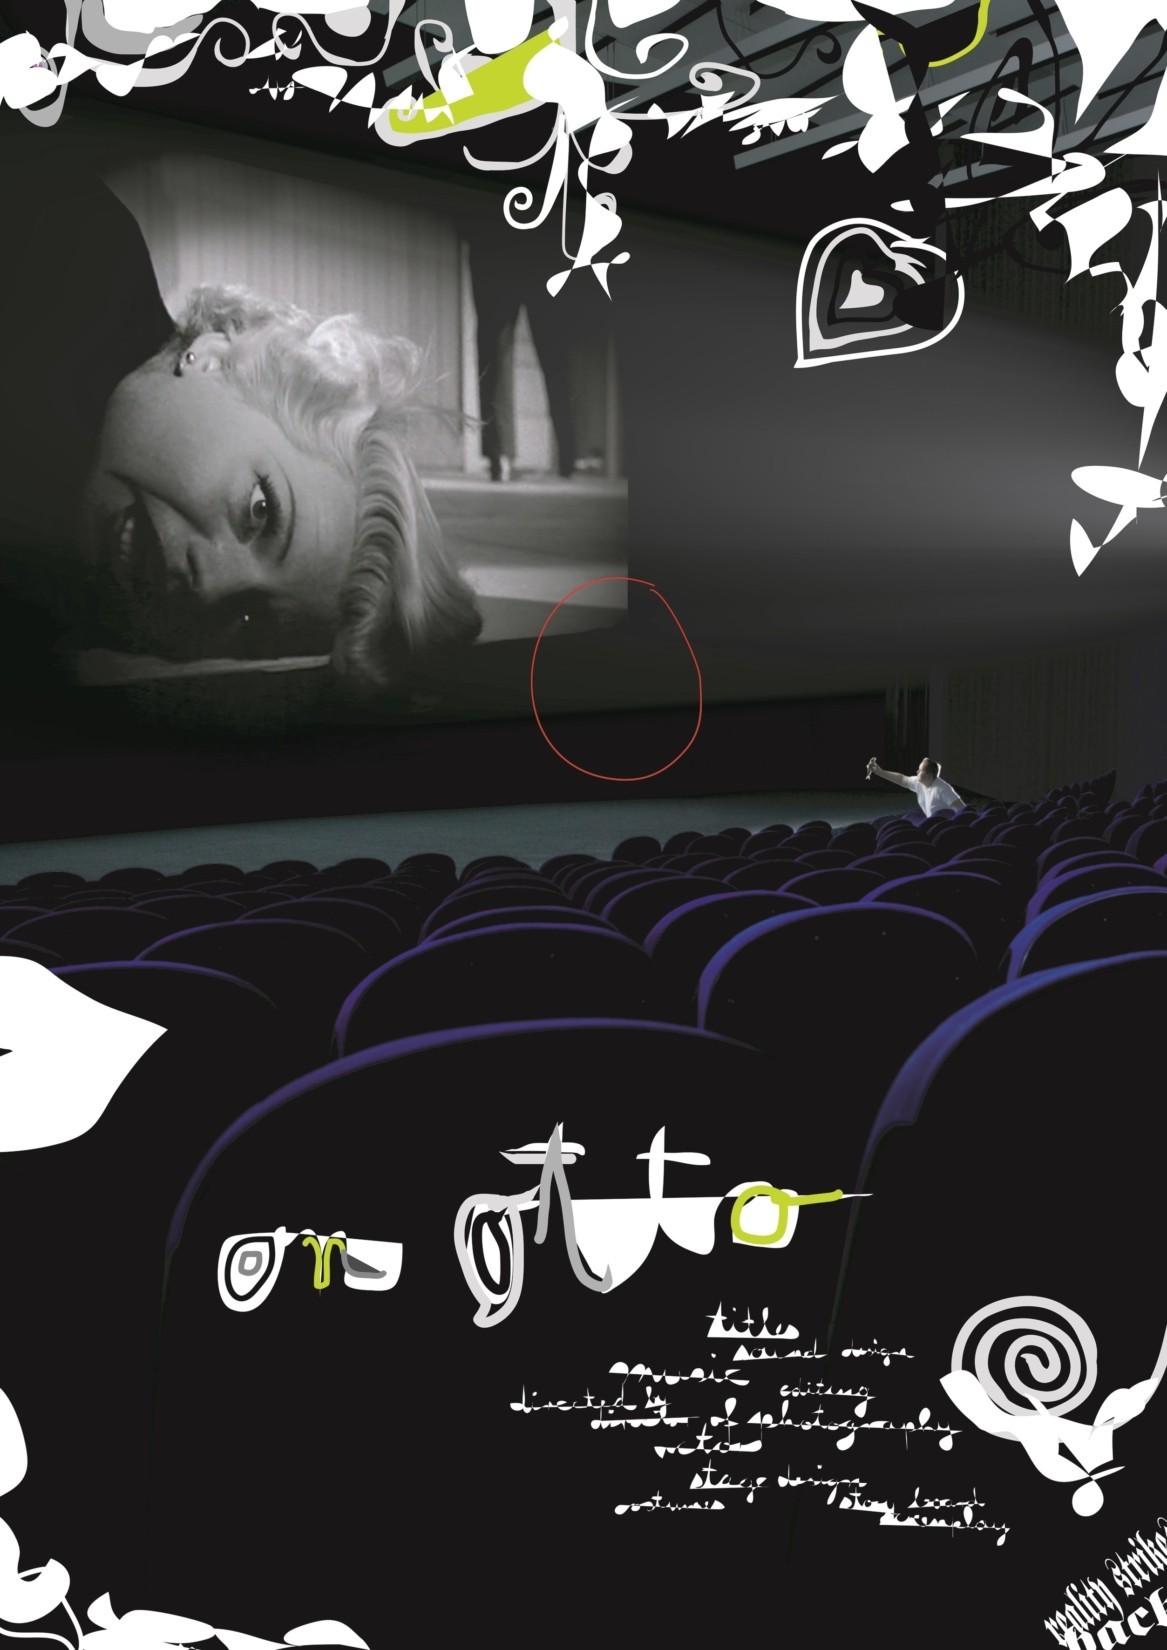 A contemporary translation of elegance. The Prada Cinéma